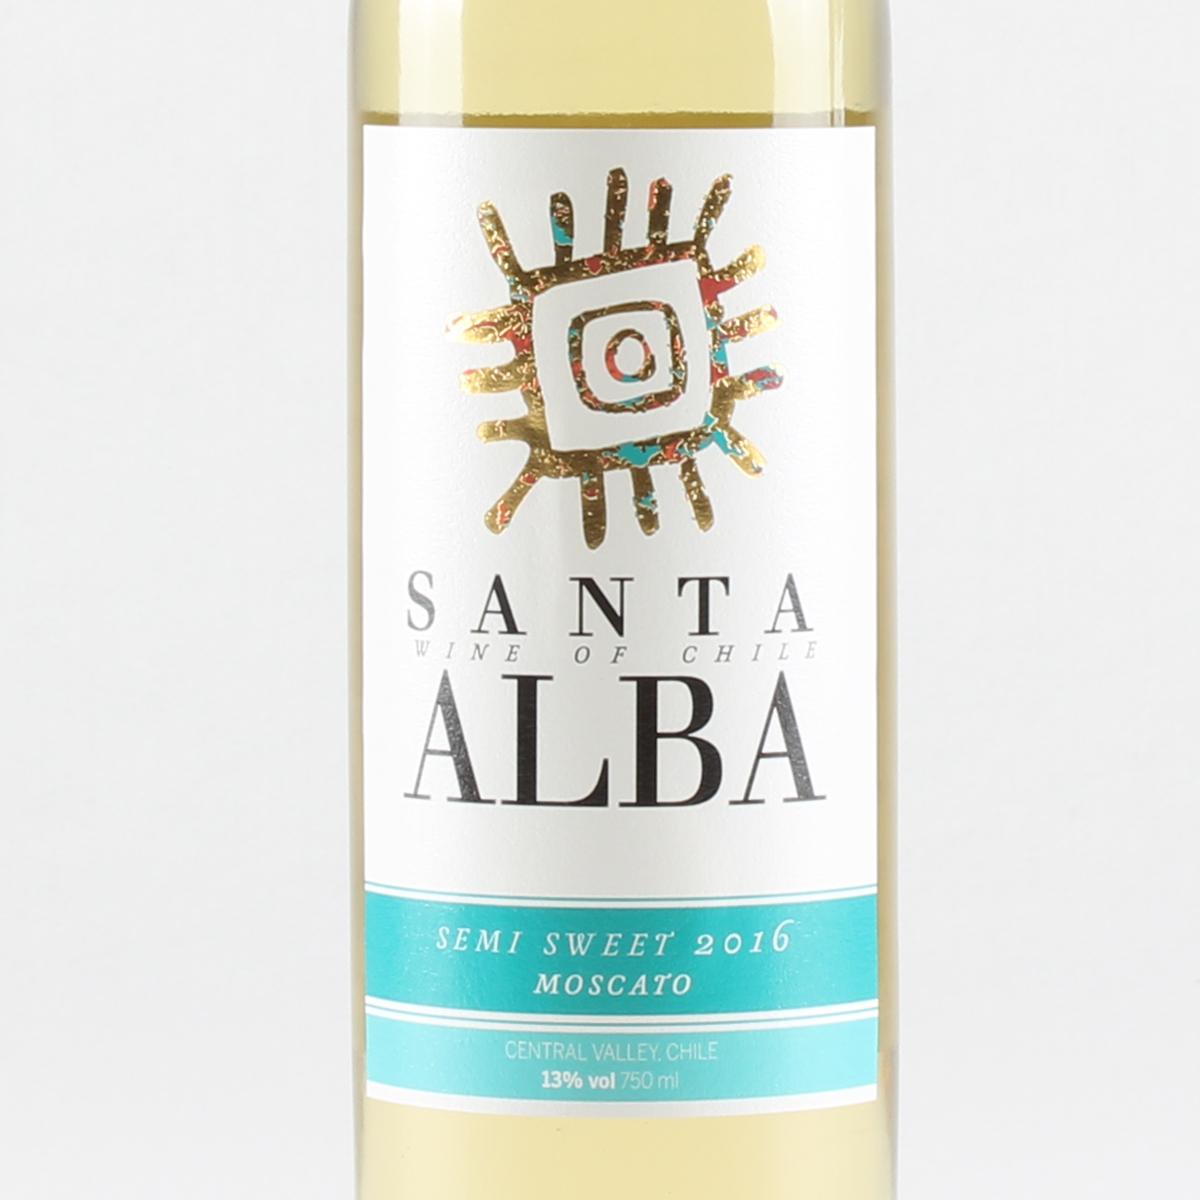 智利库里科谷香树酒庄圣塔莫斯卡托半甜白葡萄酒